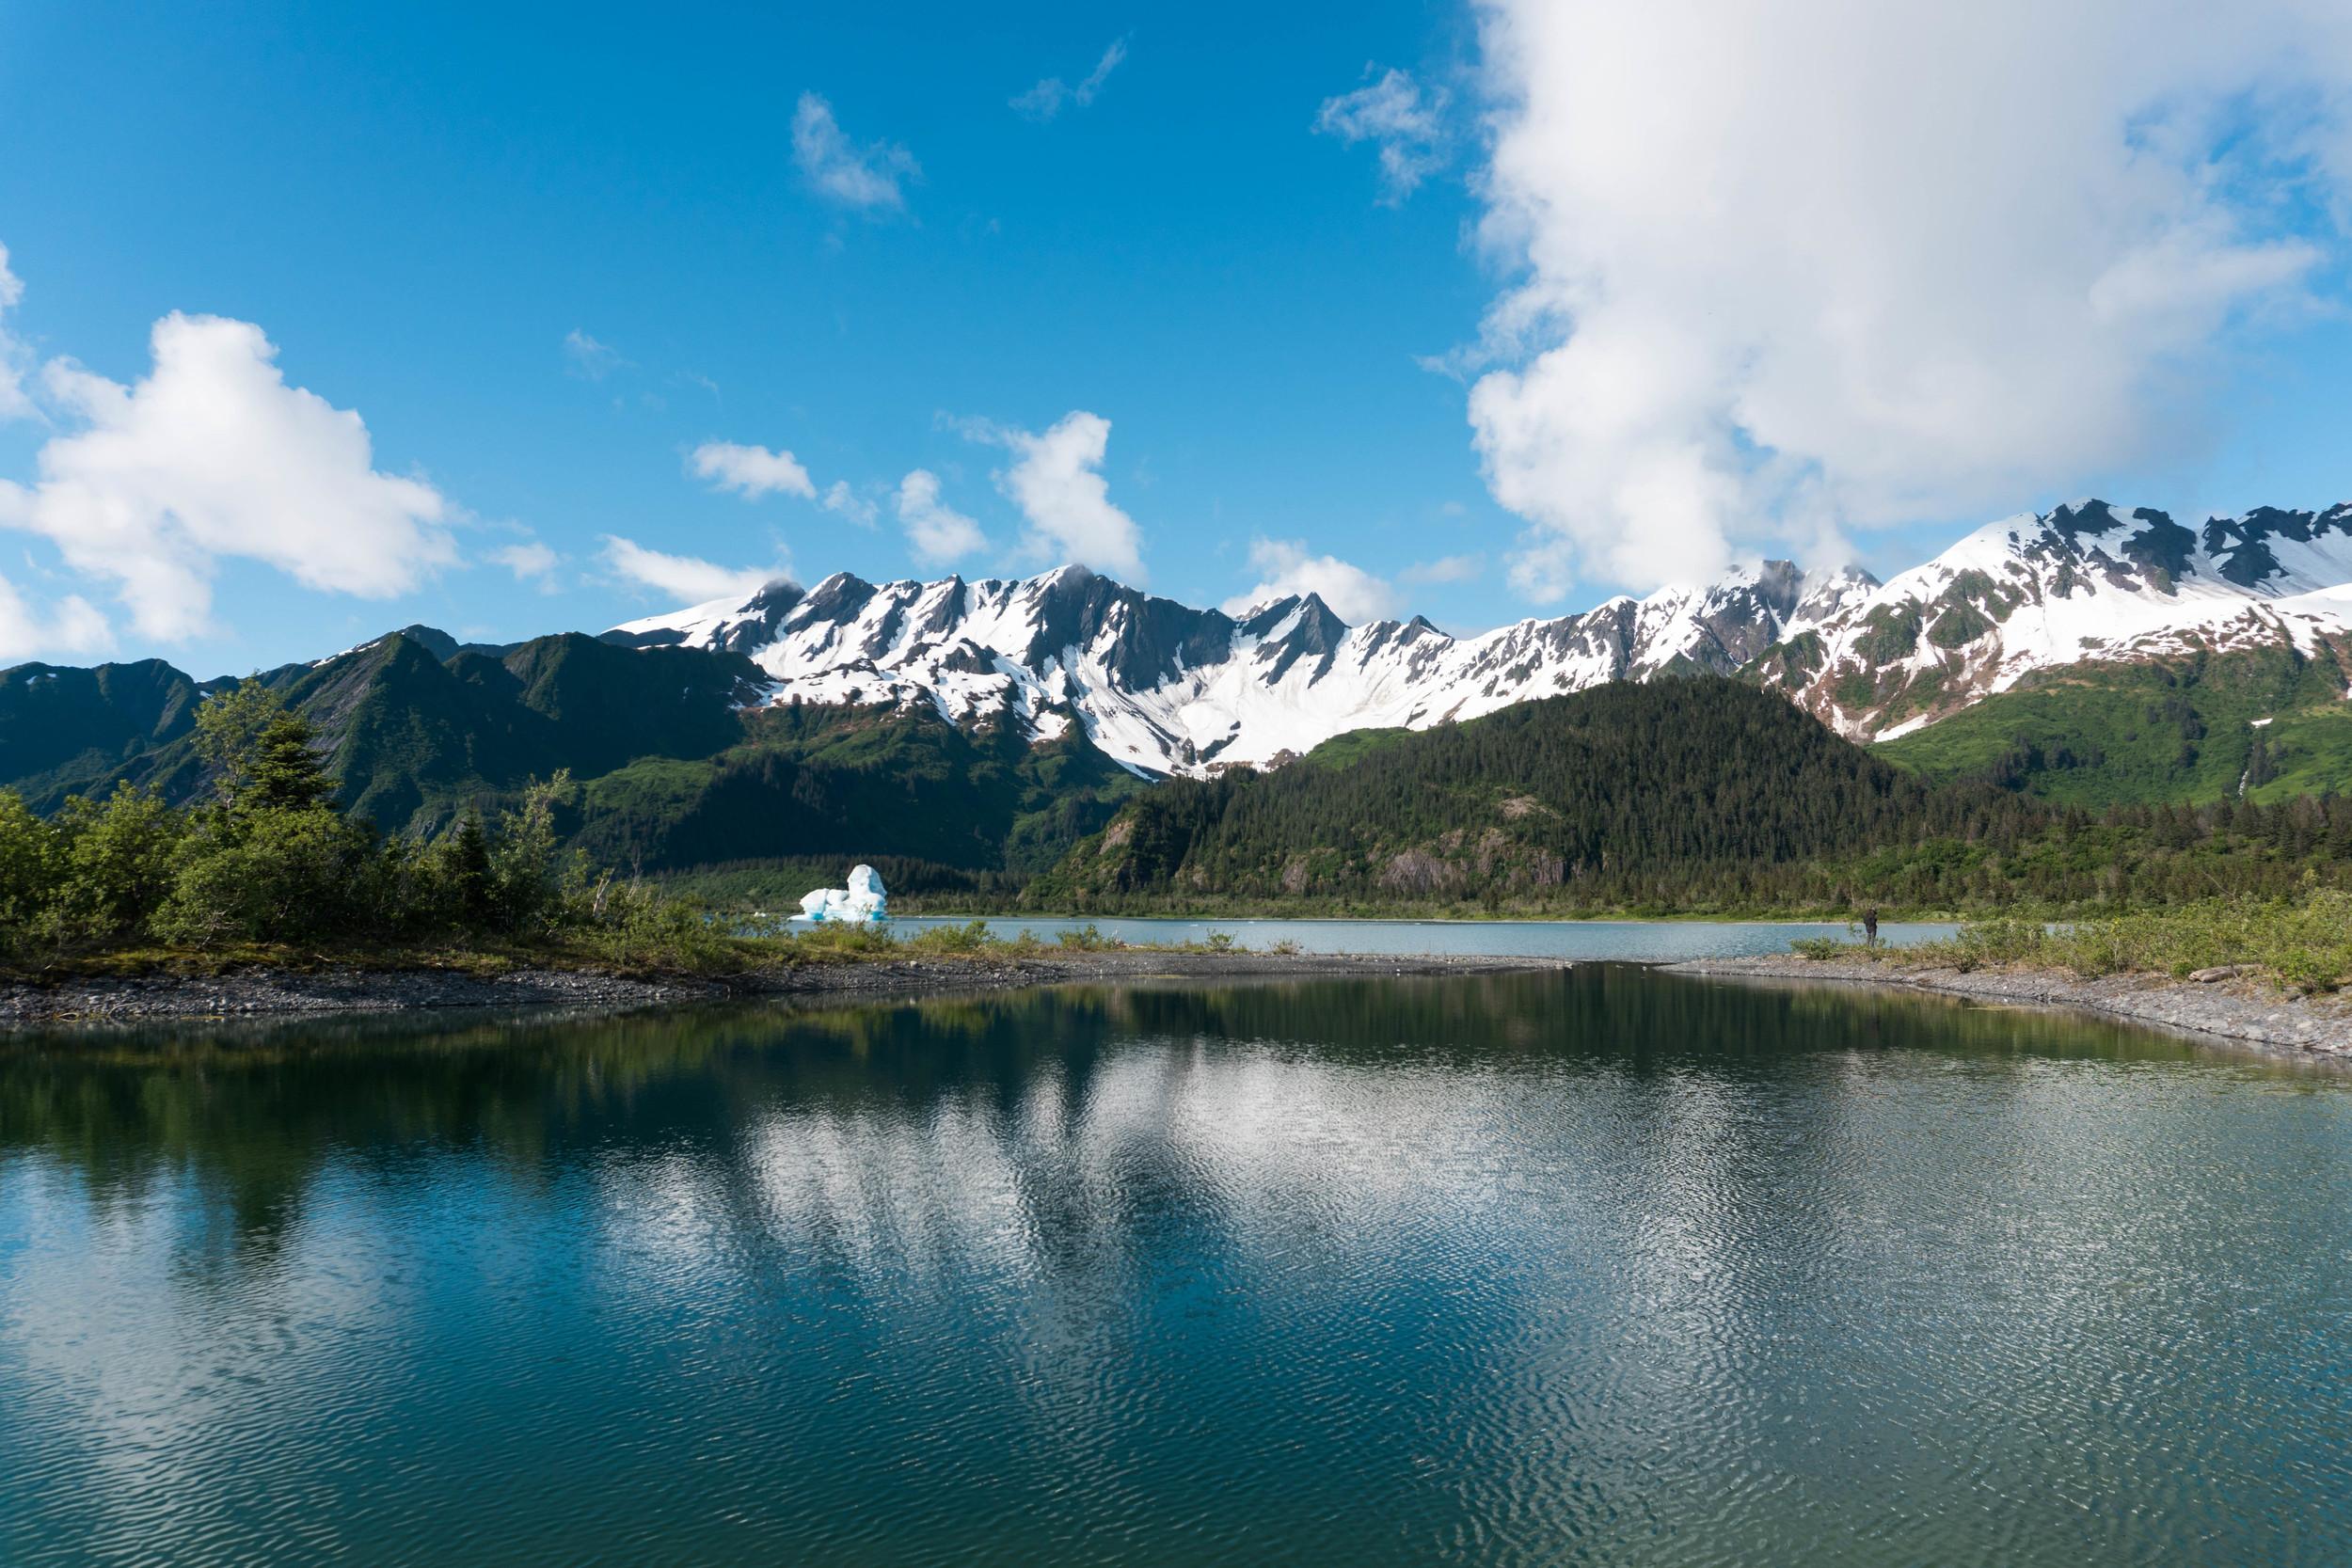 LLV_Alaska-43.jpg